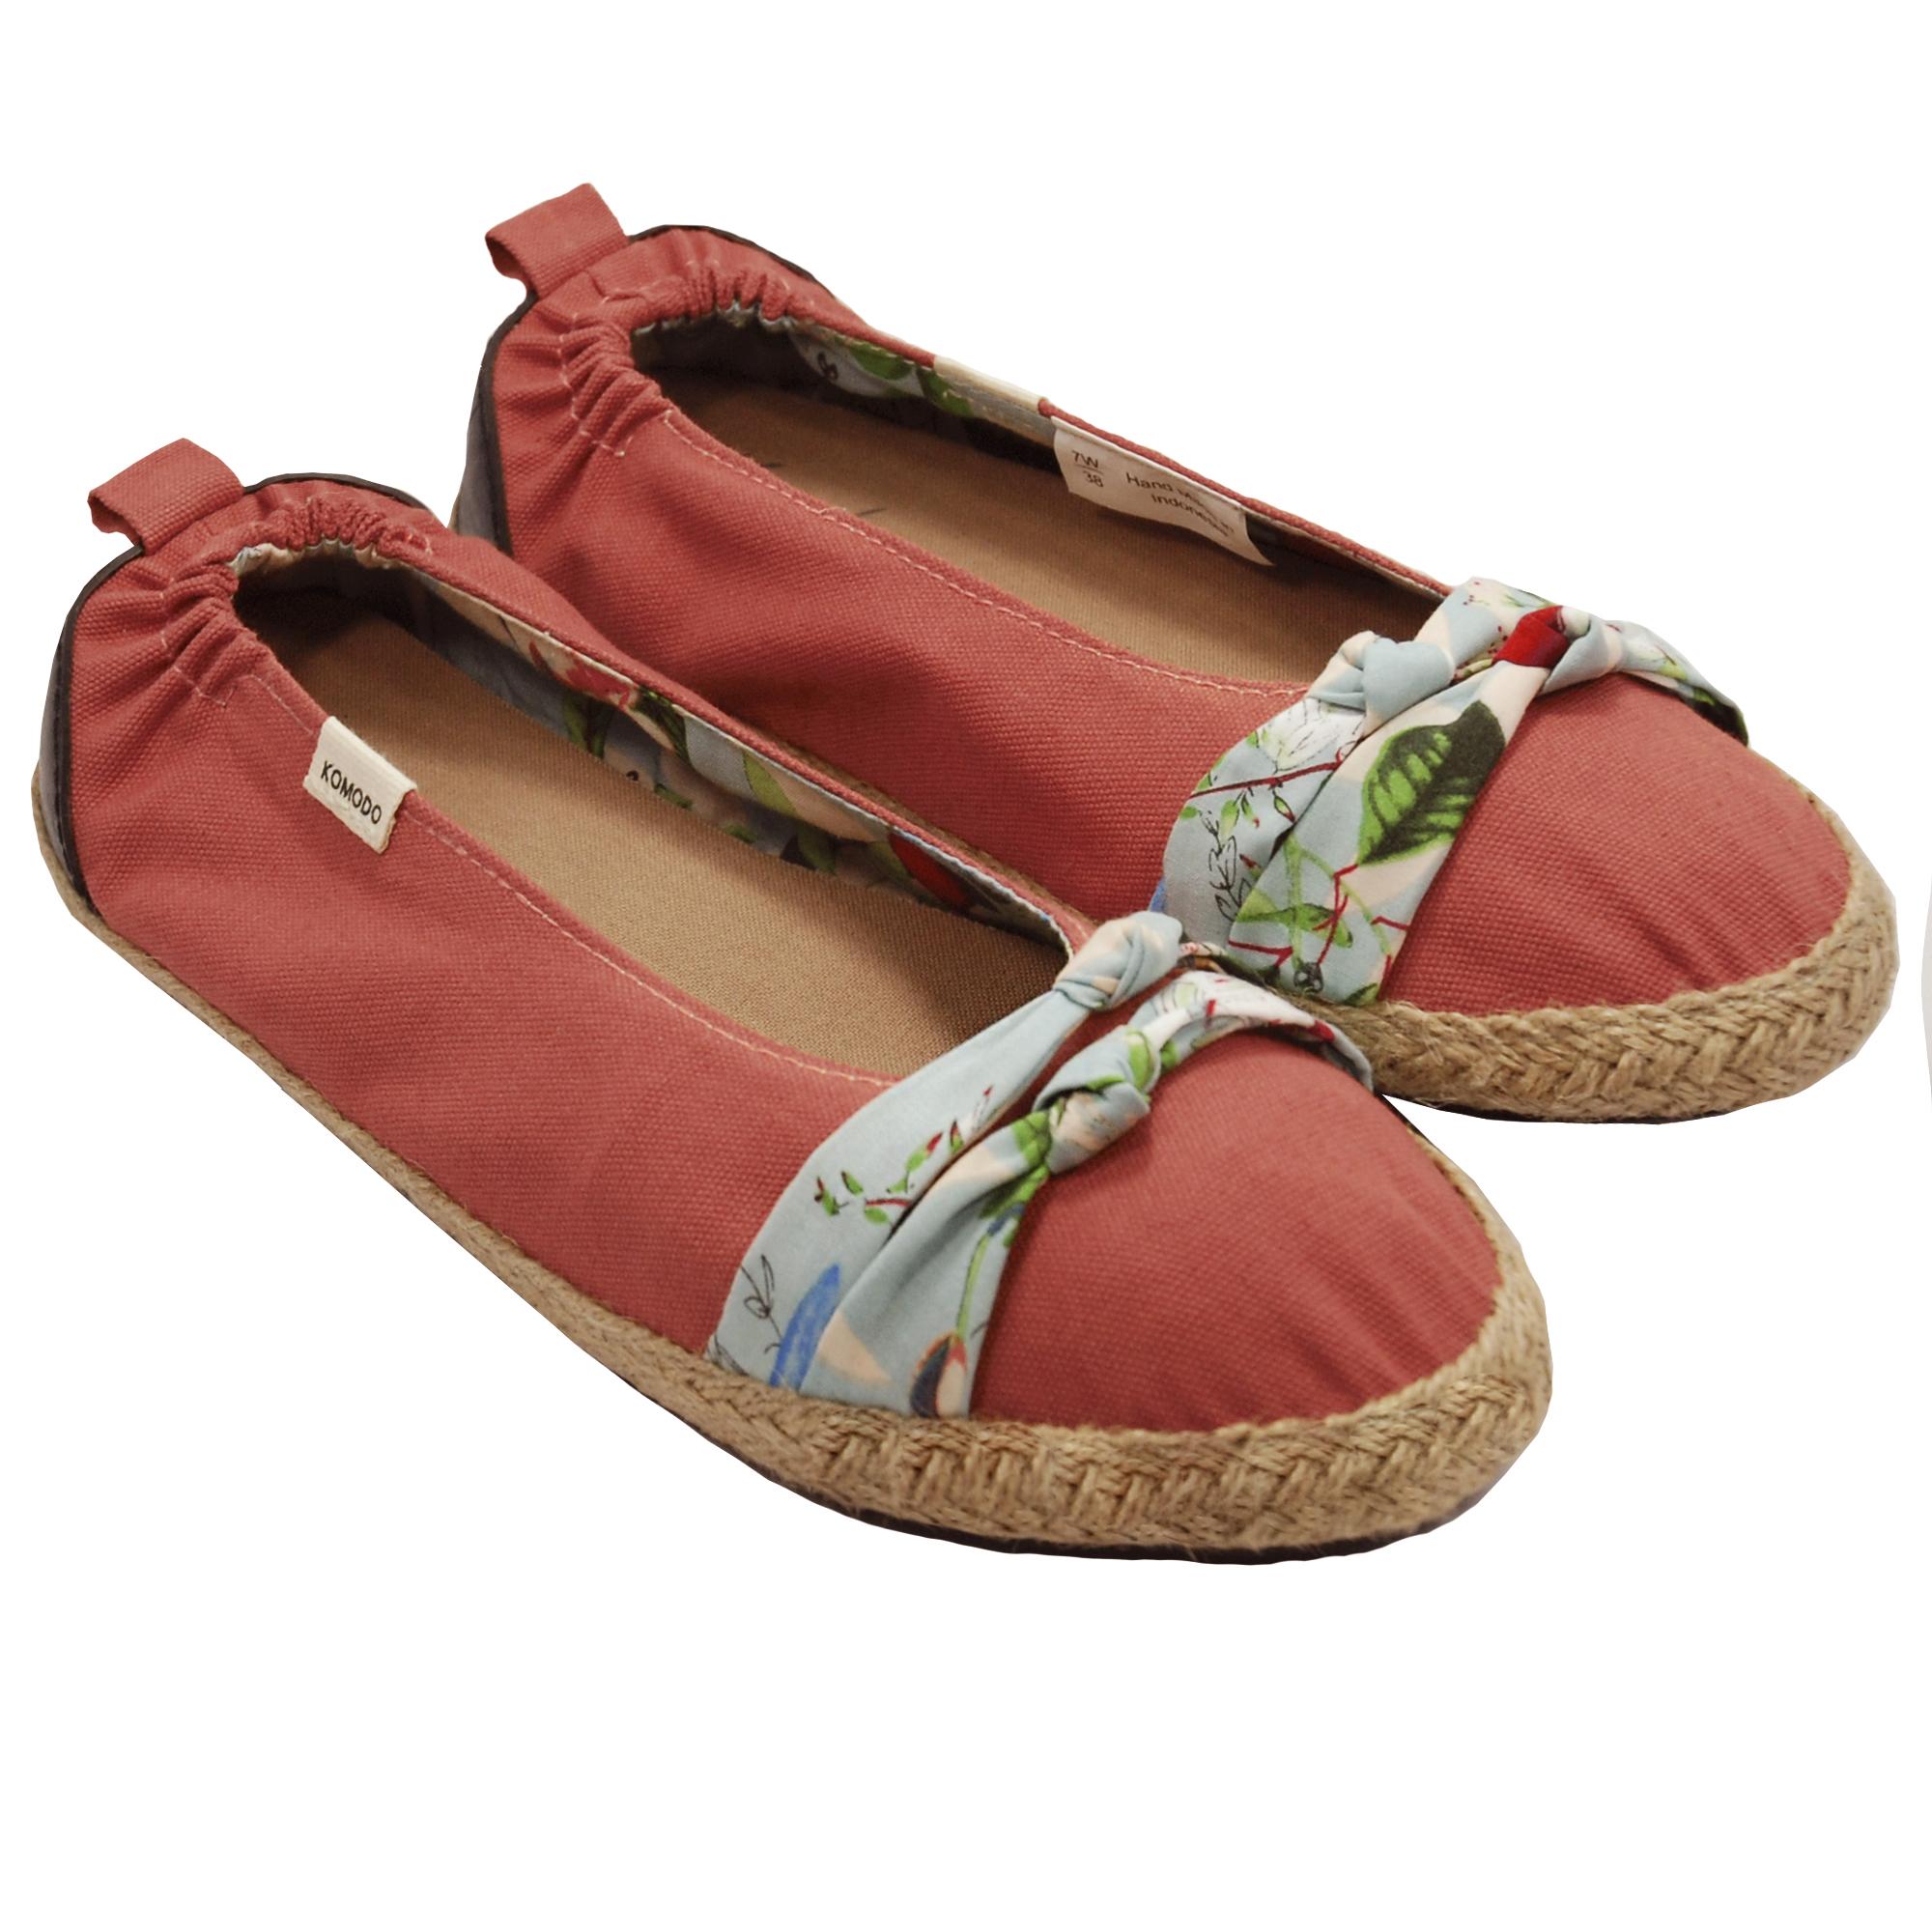 Vegan Dance Shoes Uk